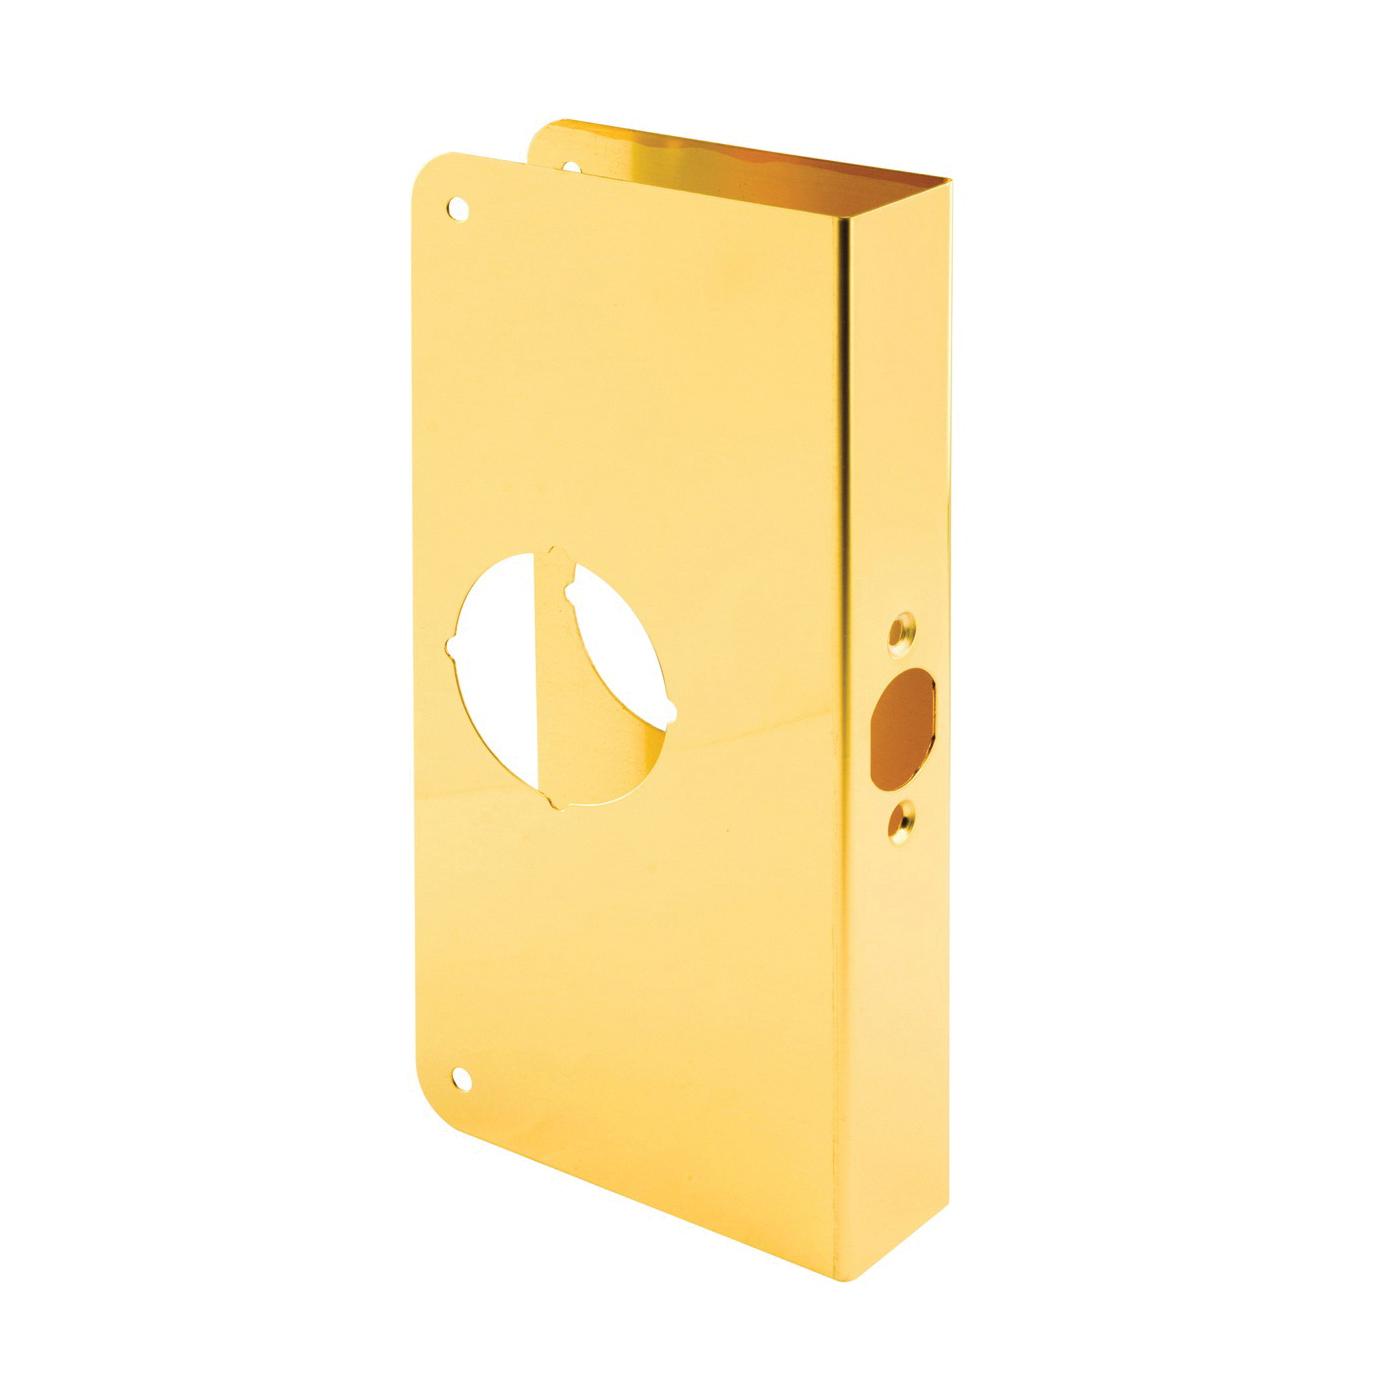 Picture of Defender Security U 9547 Door Reinforcer, 2-3/8 in Backset, 1-3/8 in Thick Door, Solid Brass, Brass, 9 in H